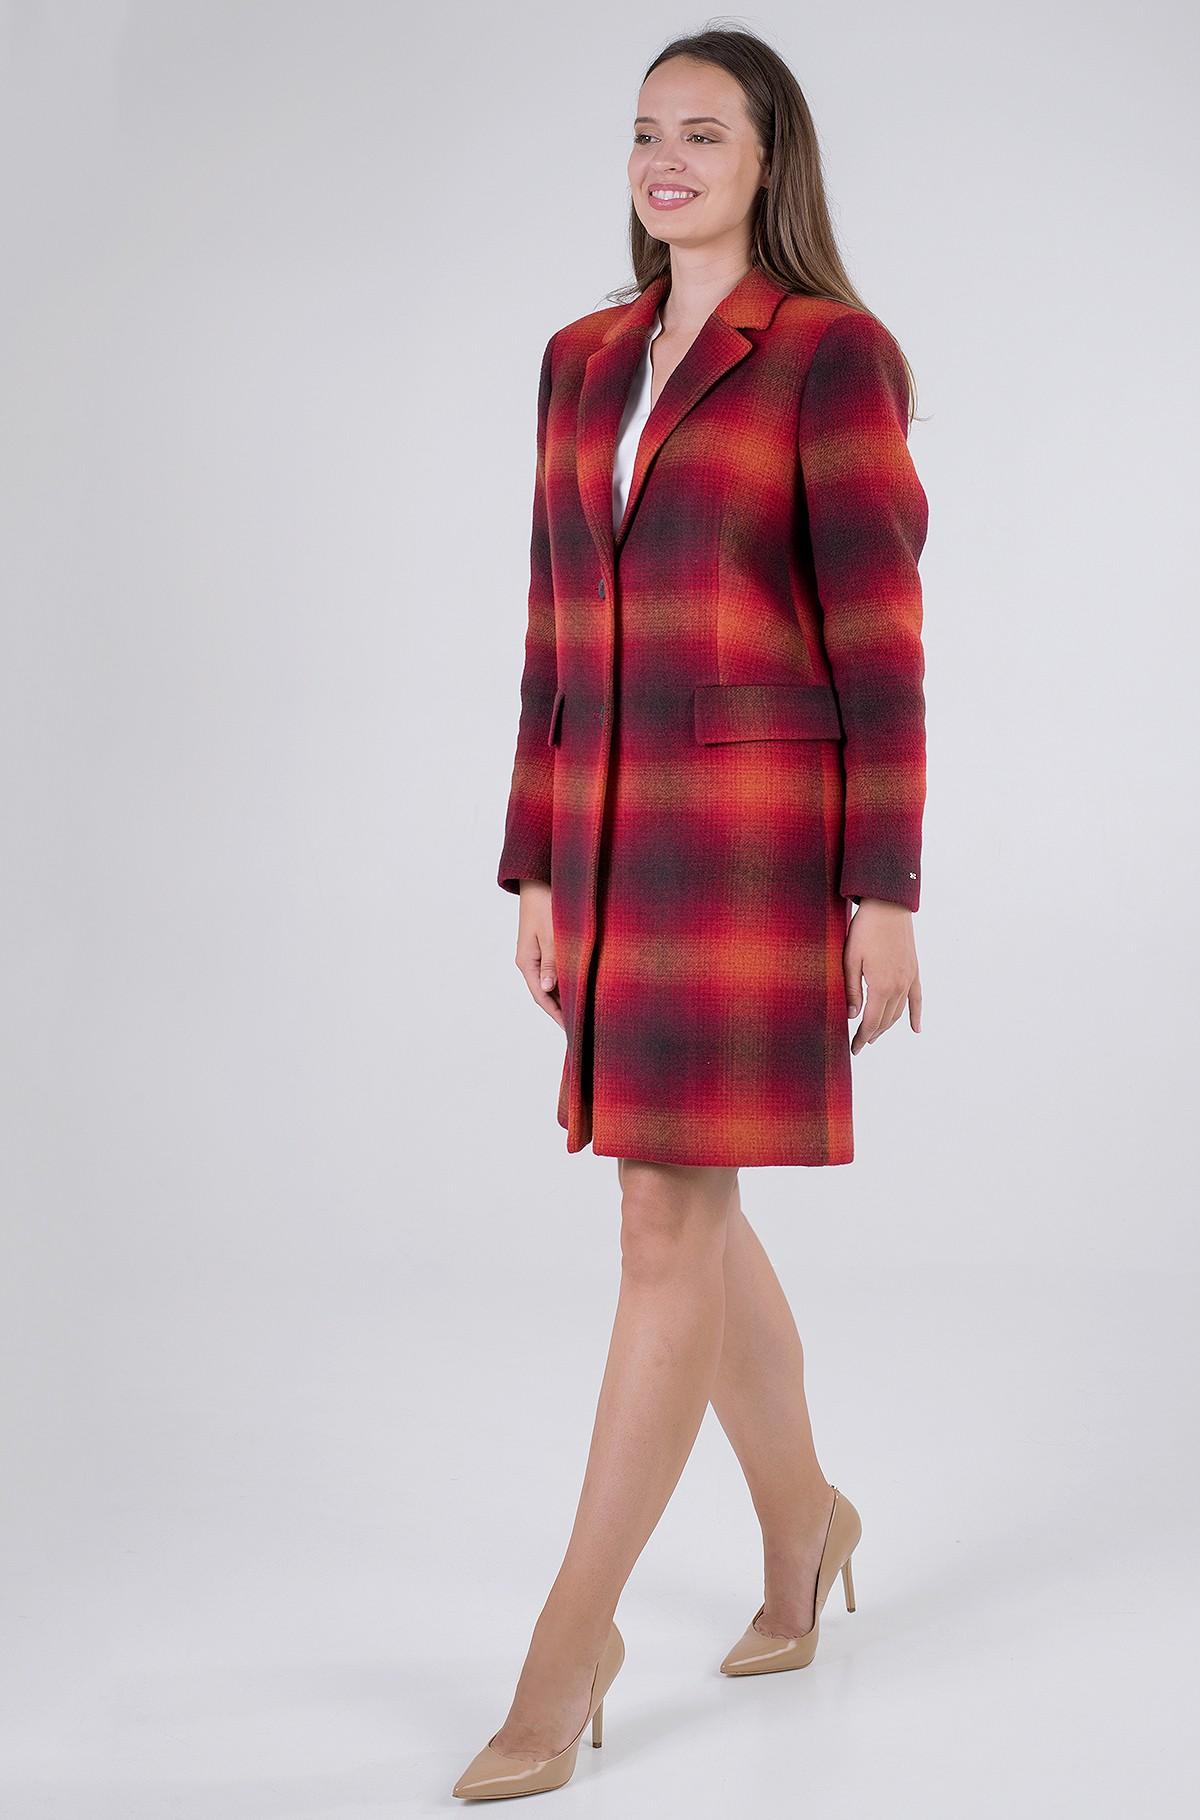 Coat WOOL BLEND CHECK CLASSIC COAT-full-1